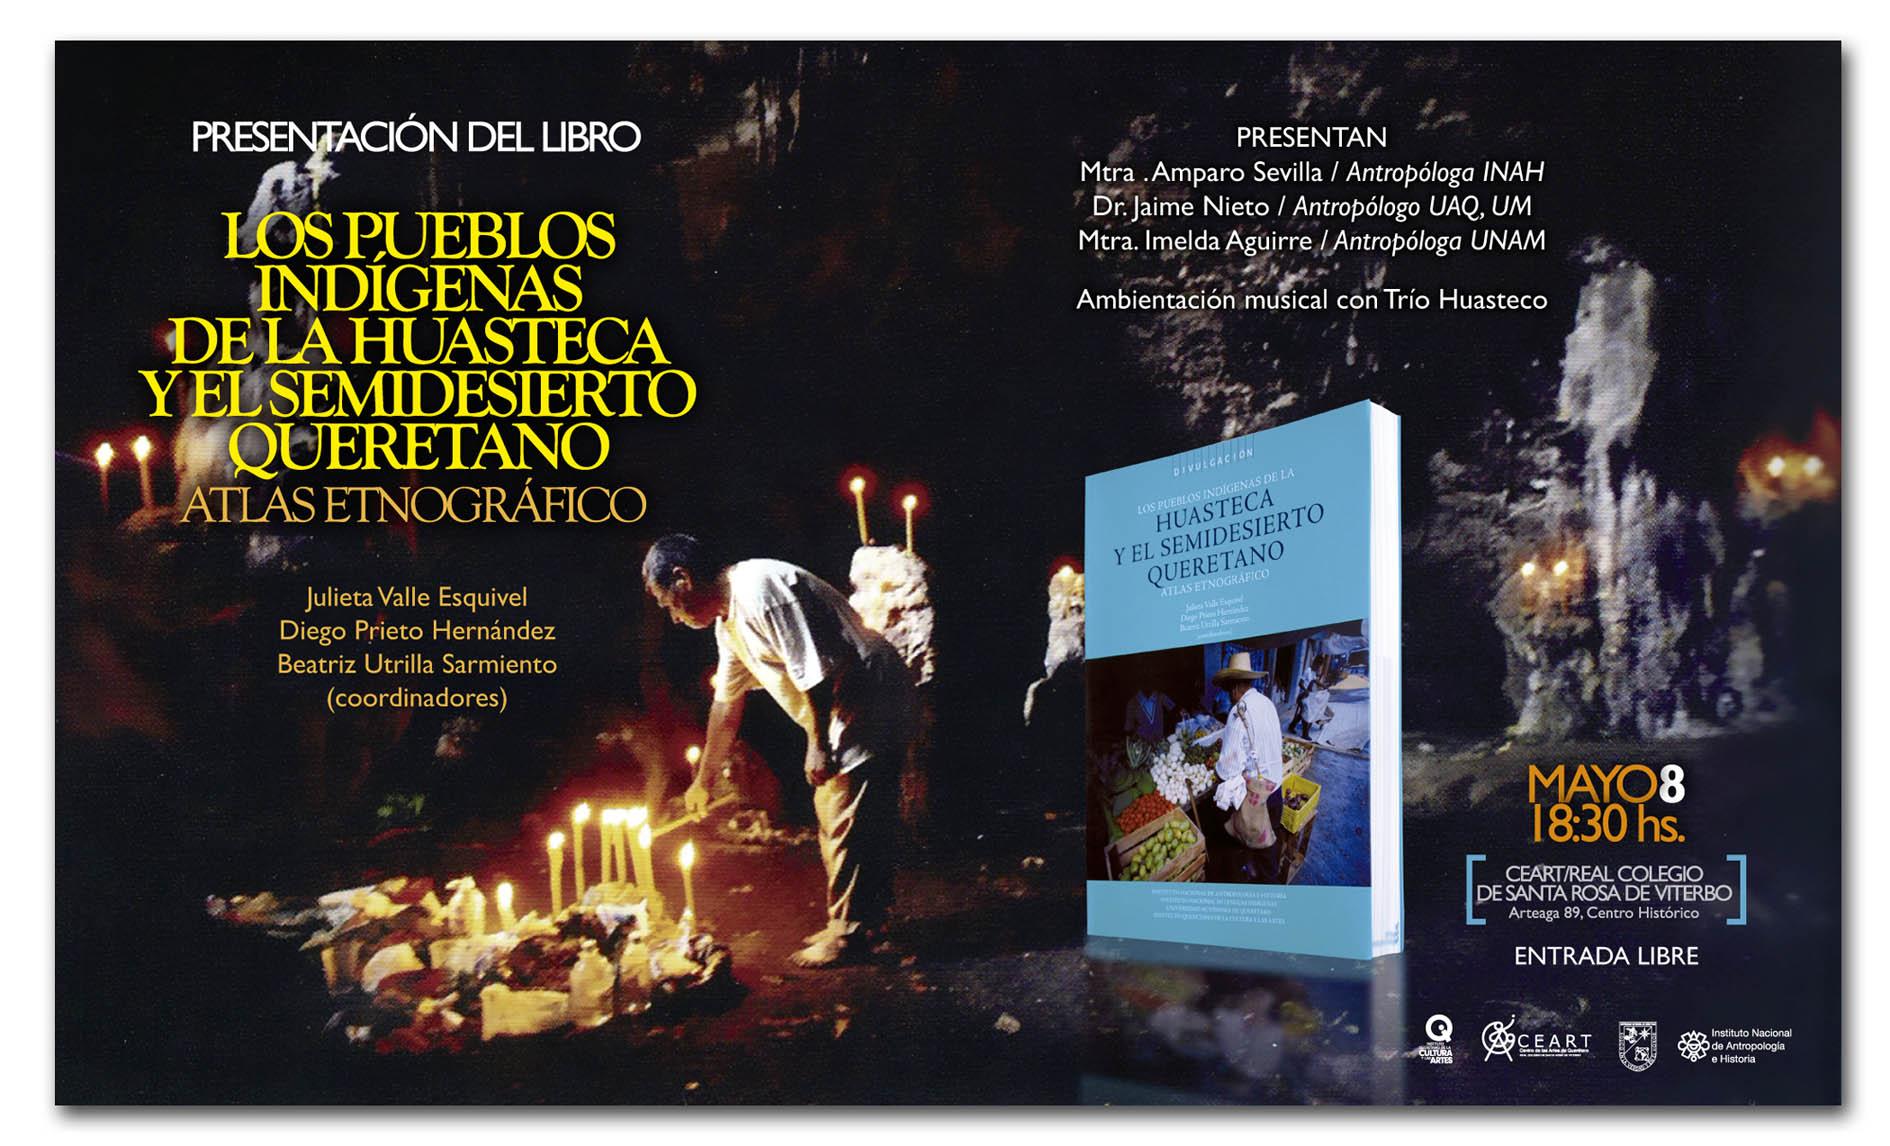 Presentación del Libro: Los Pueblos Indígenas de la Huasteca y el Semidesierto Queretano. Atlas Etnográfico